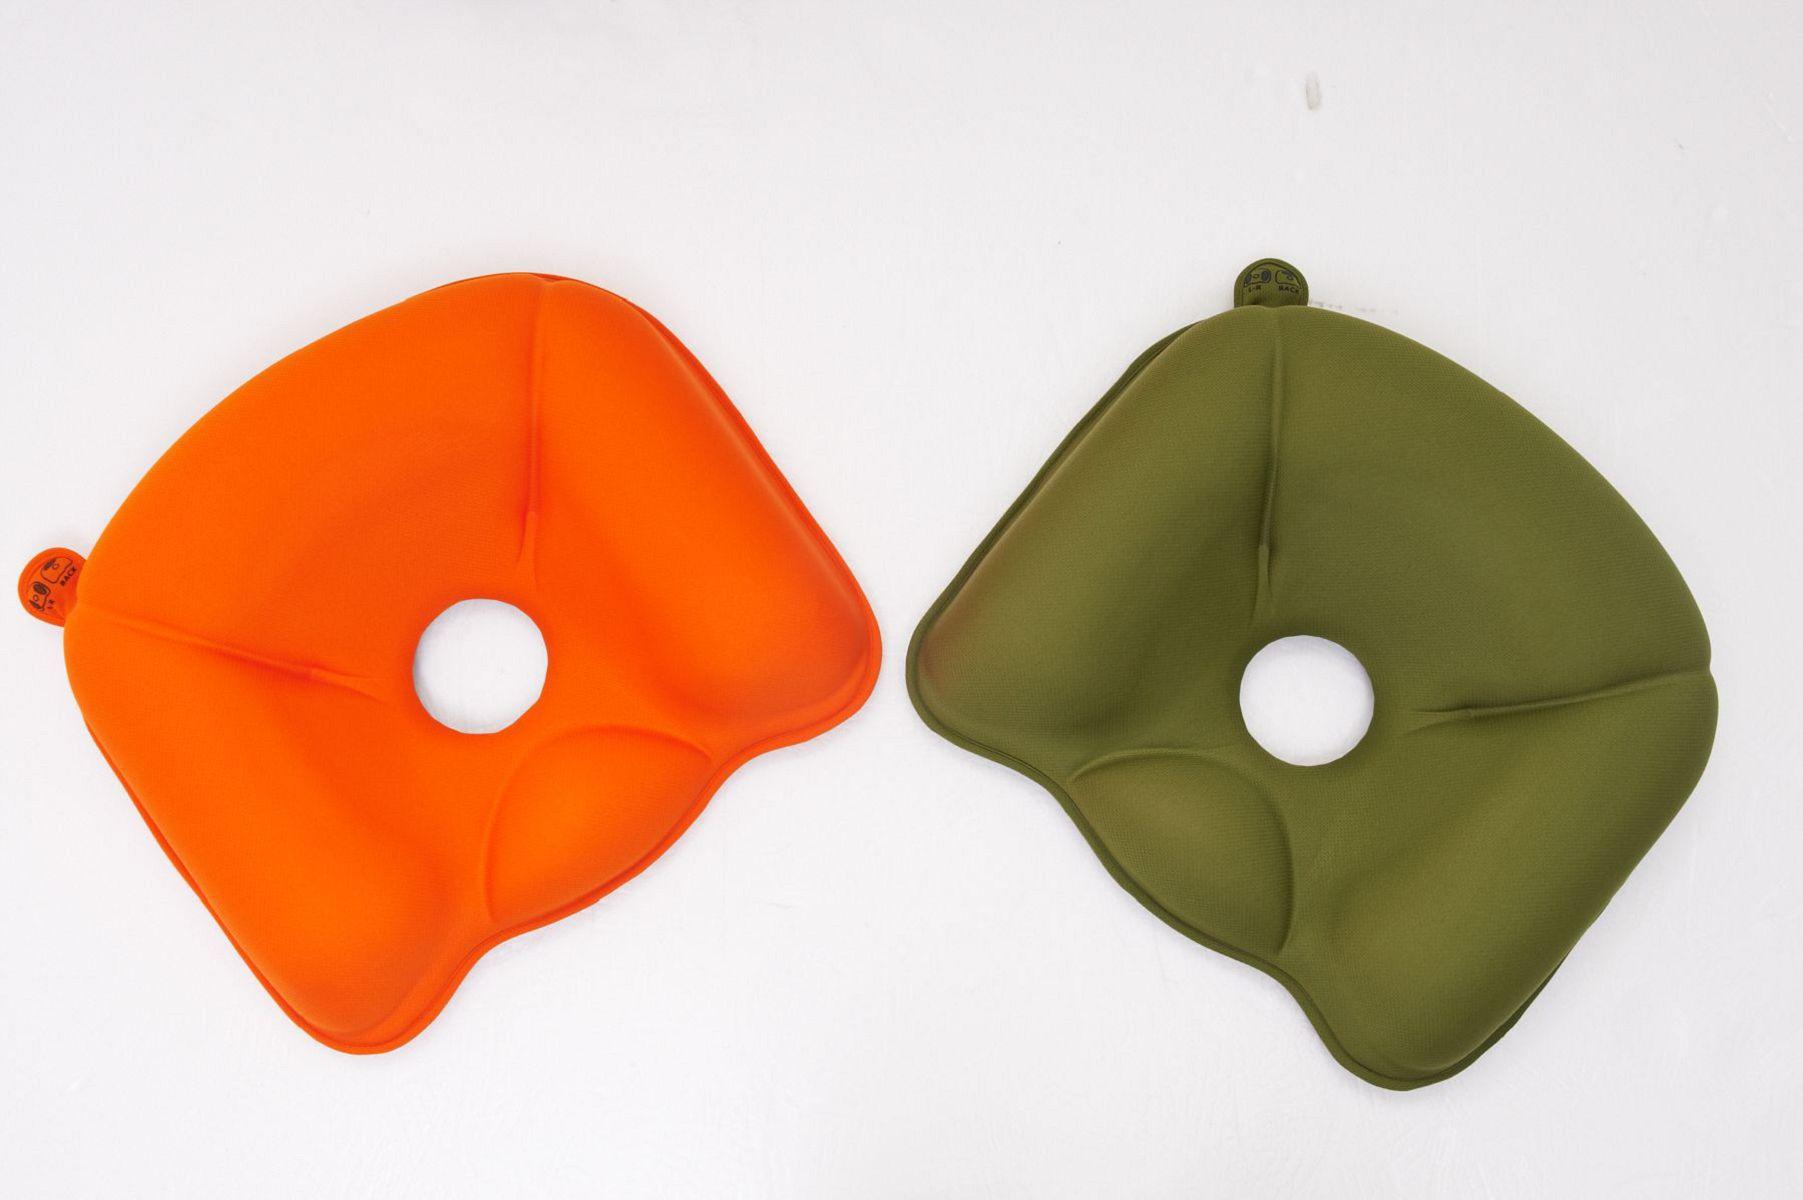 KUONAO CO., LTD.-Adjustable Air Seat Cushion